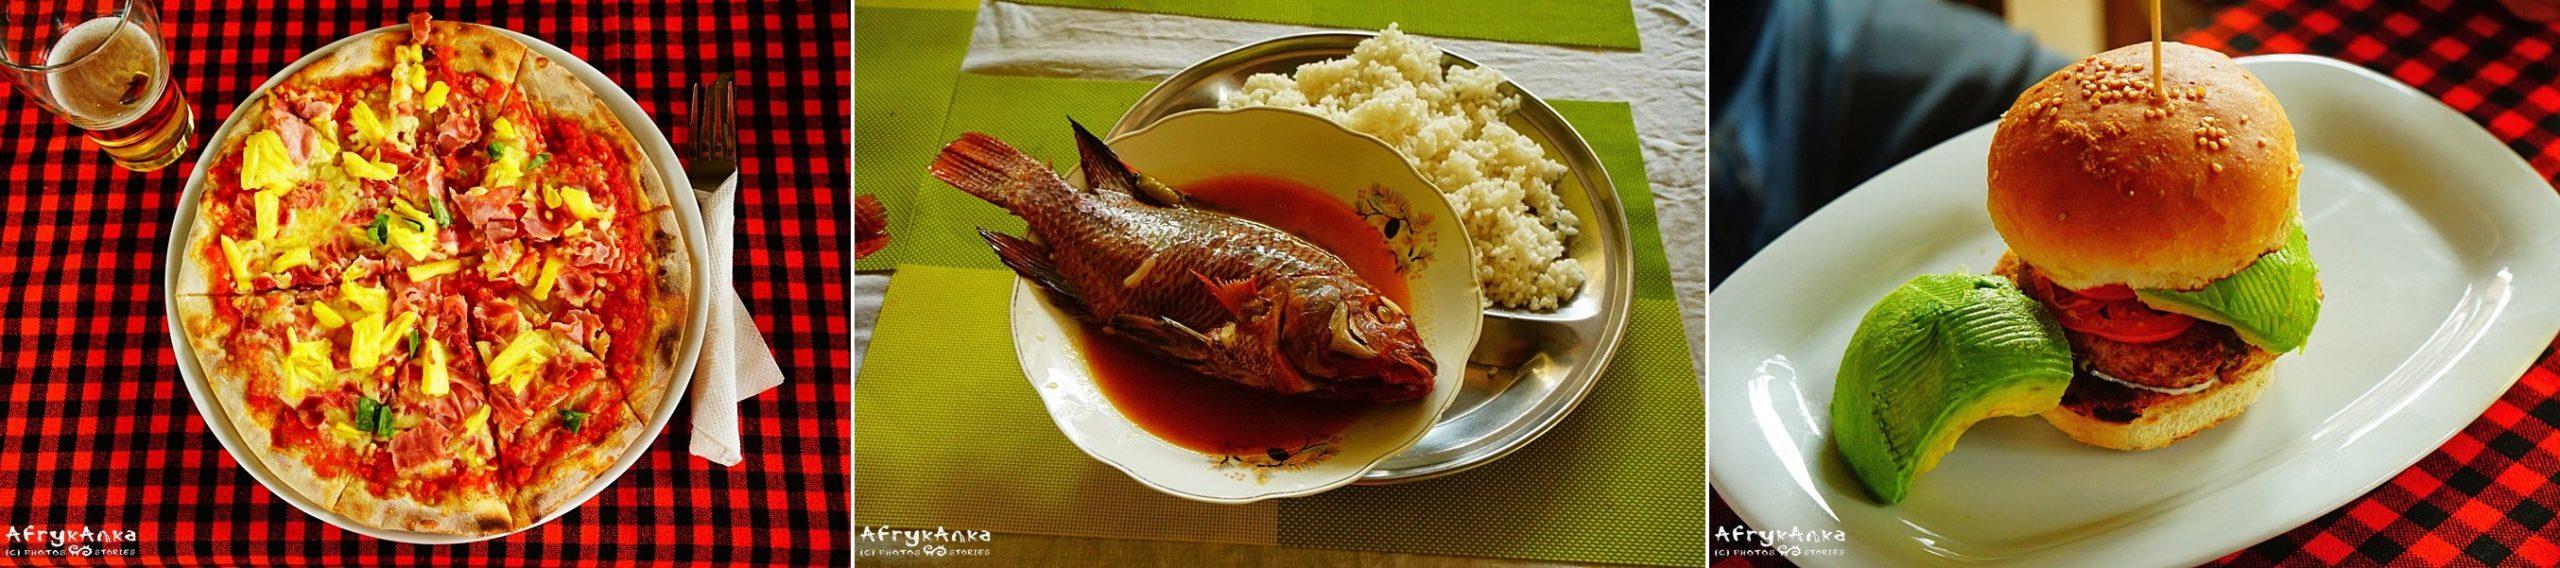 Jedzenie w Ugandzie: dania swojskie i egzotyczne.